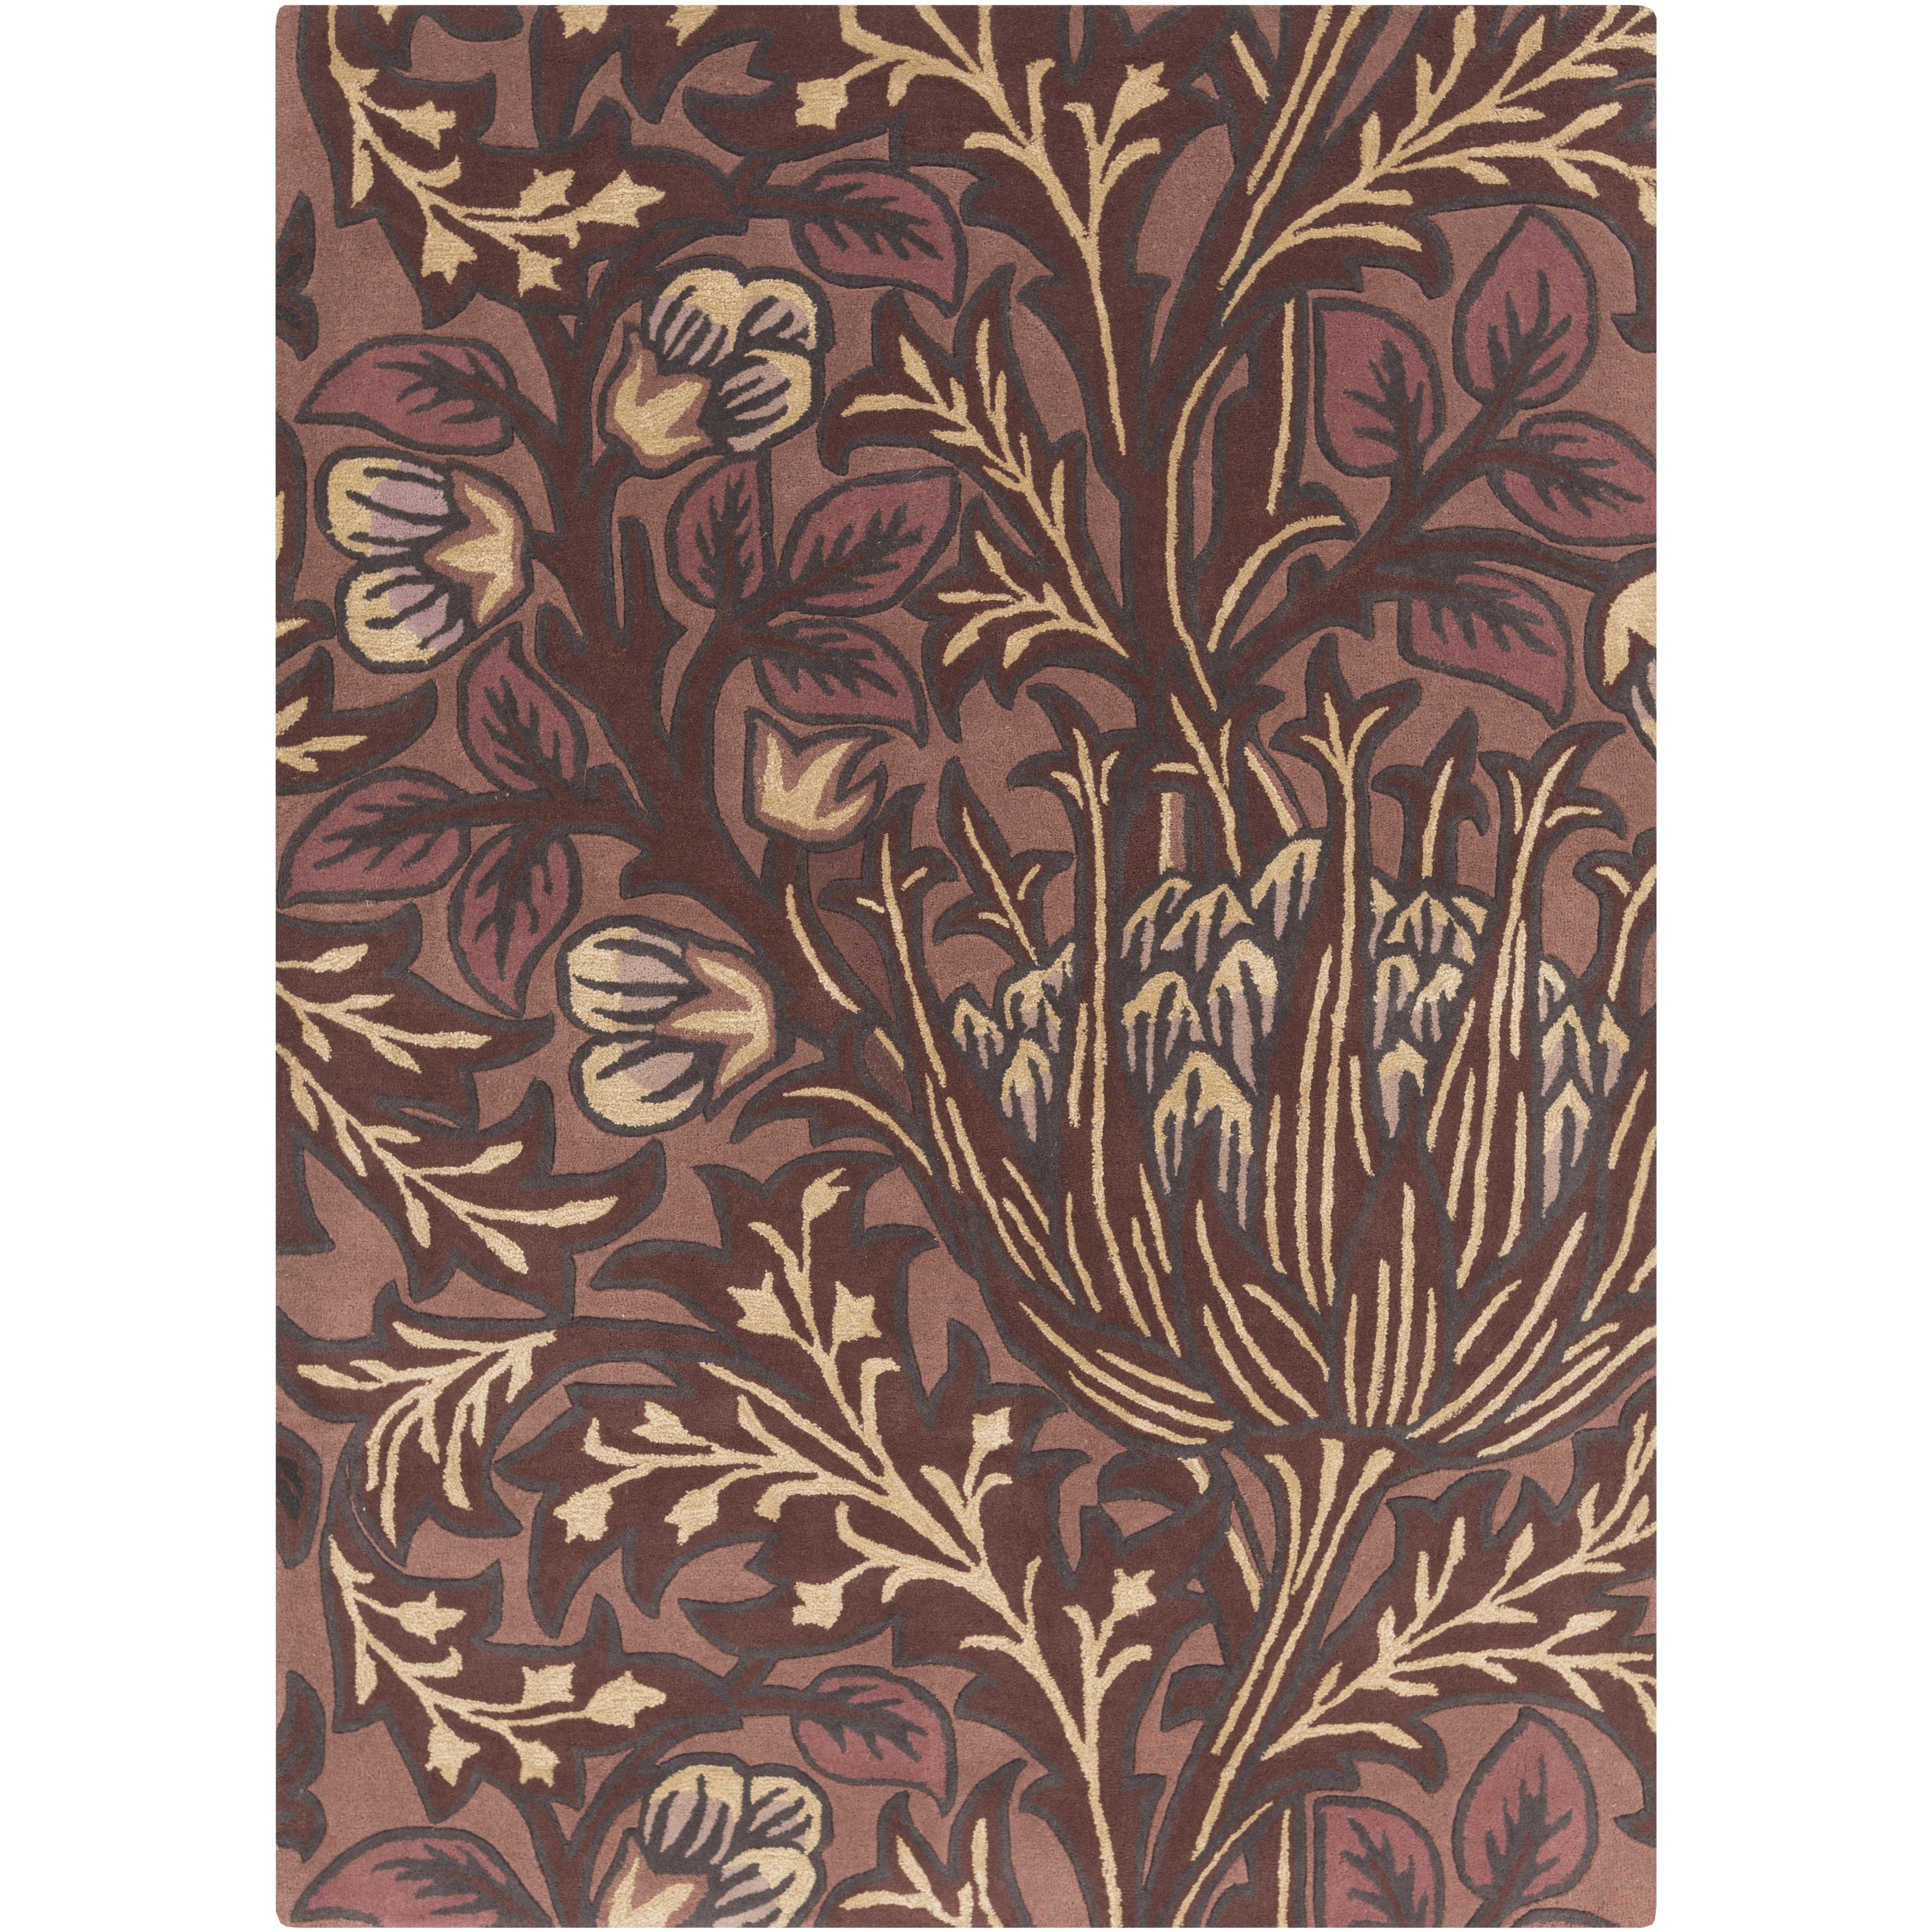 Surya Rugs William Morris 5' x 8' - Item Number: WLM3006-58